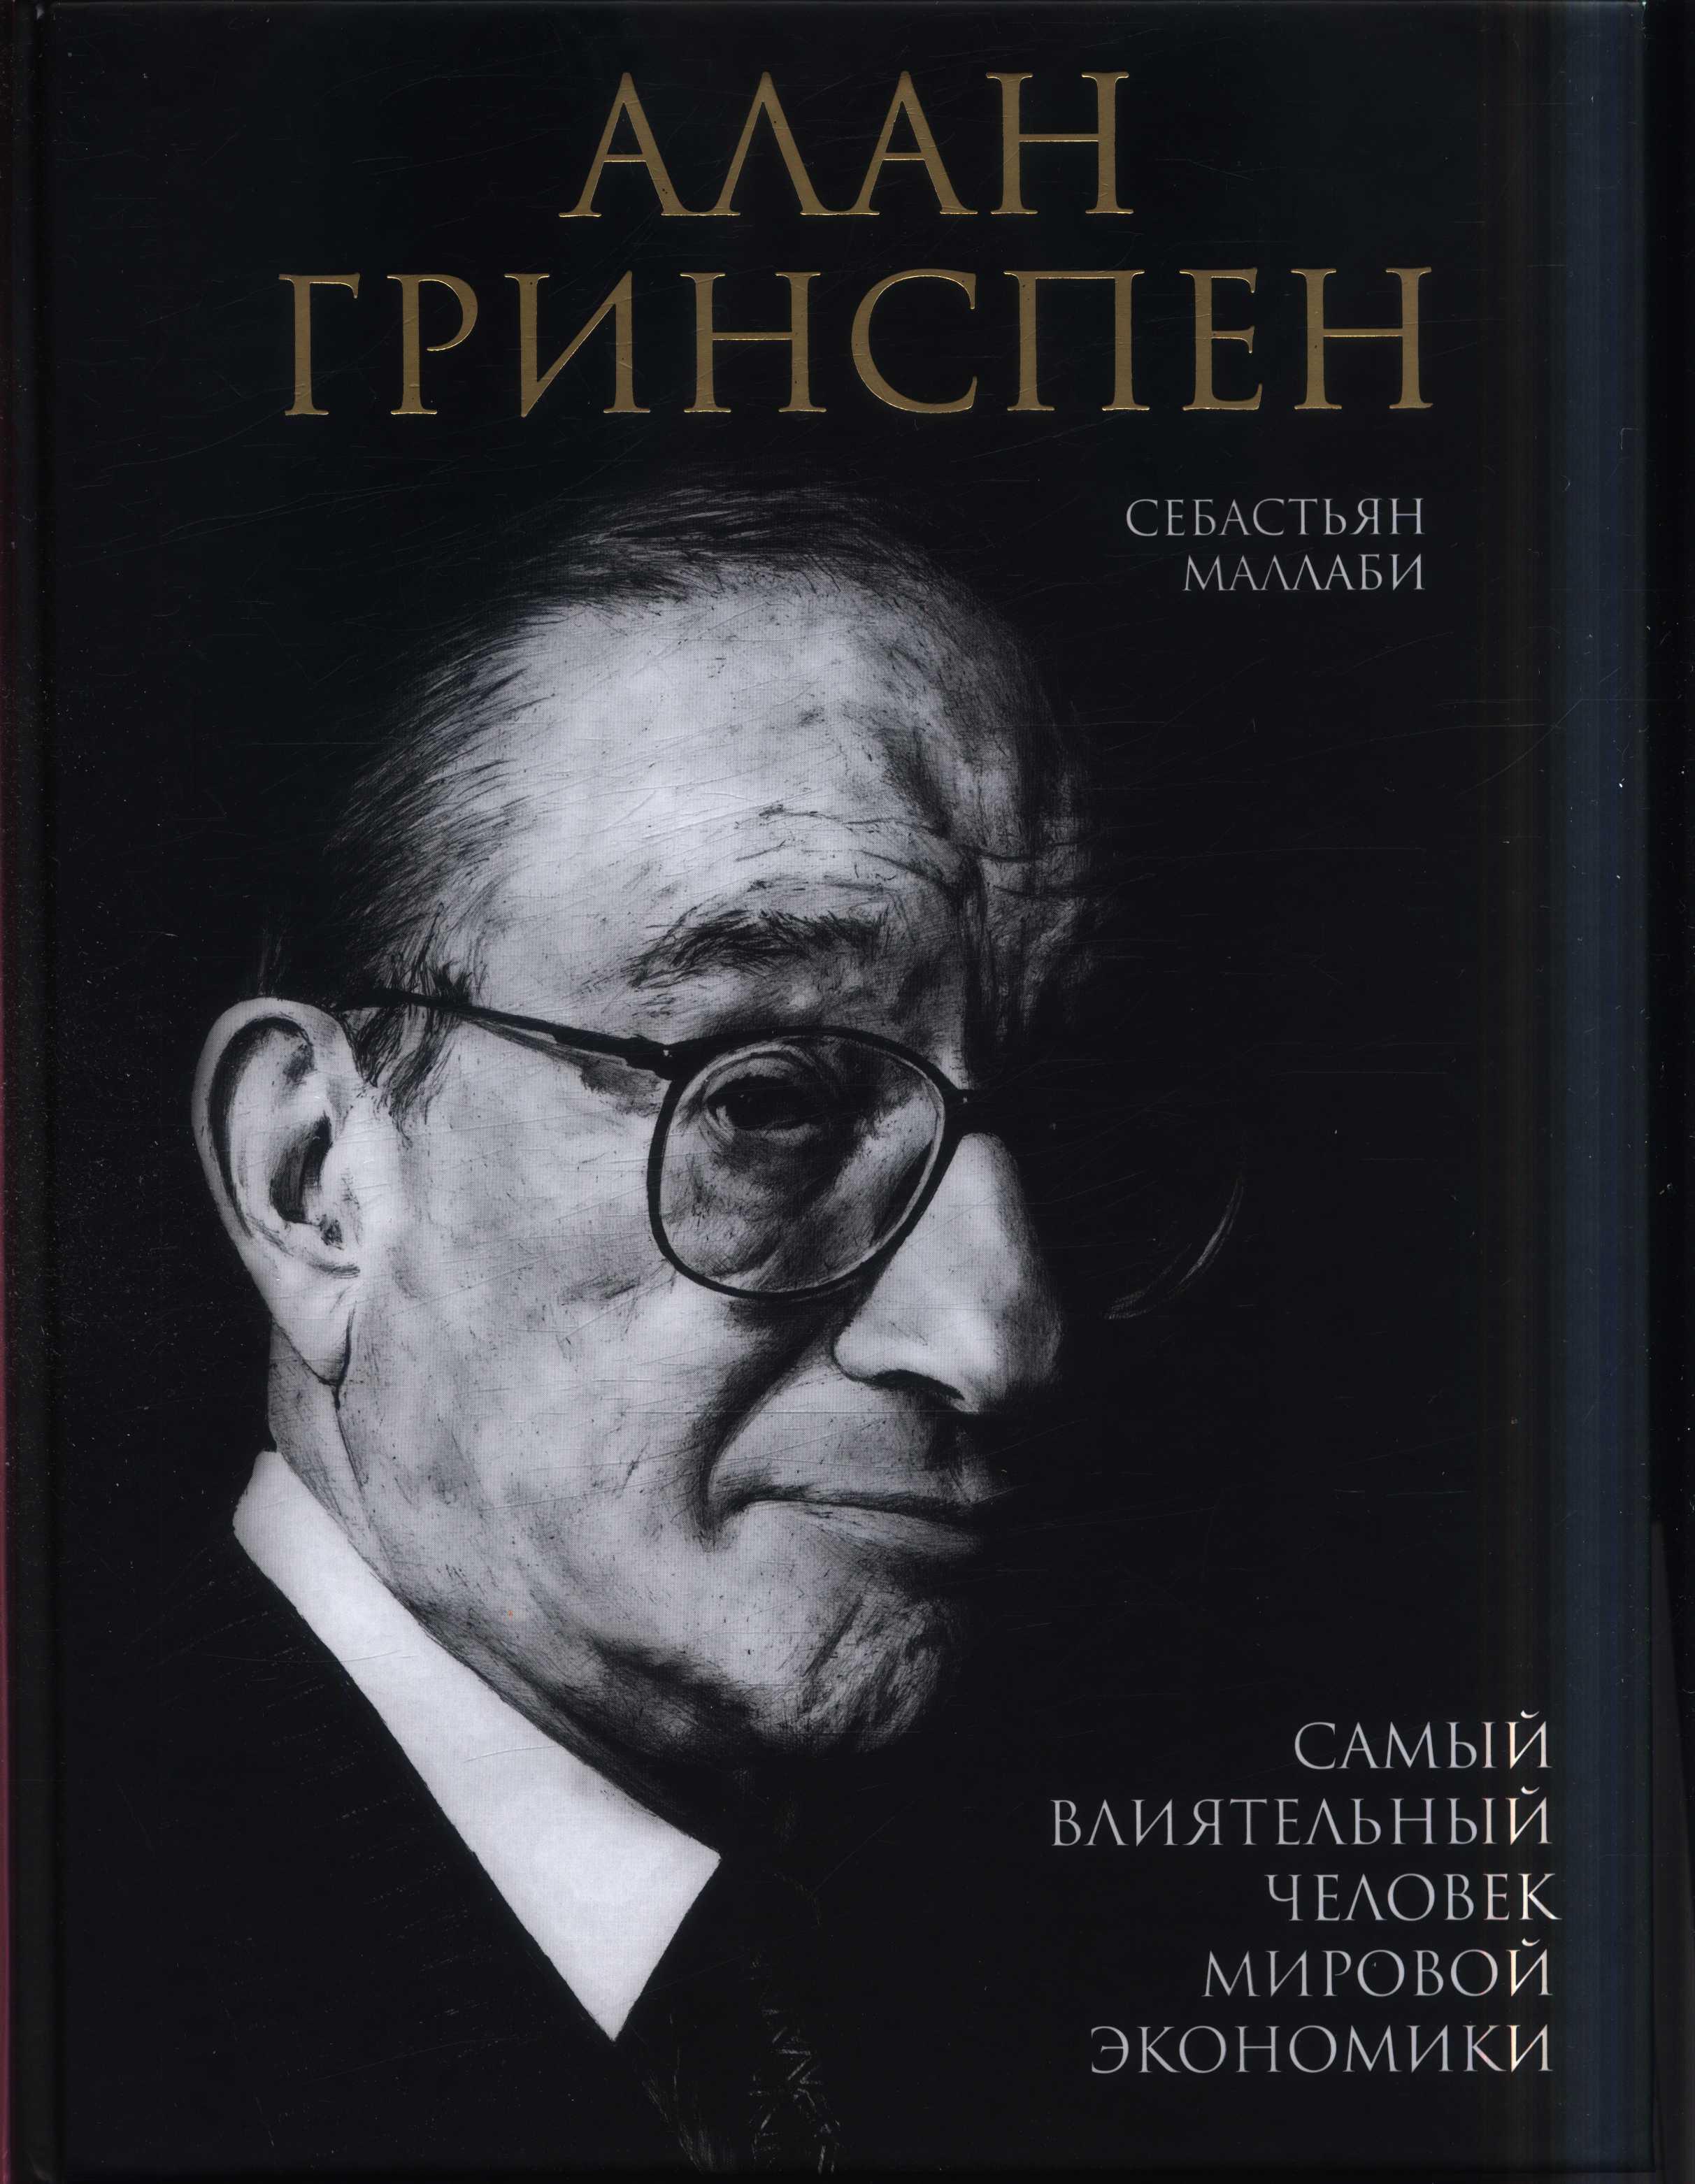 Маллаби, Себастьян. Алан Гринспен. Самый влиятельный человек мировой экономики / Себастьян Маллаби, 2021. - 526 с. - Текст (визуальный) : непосредственный.